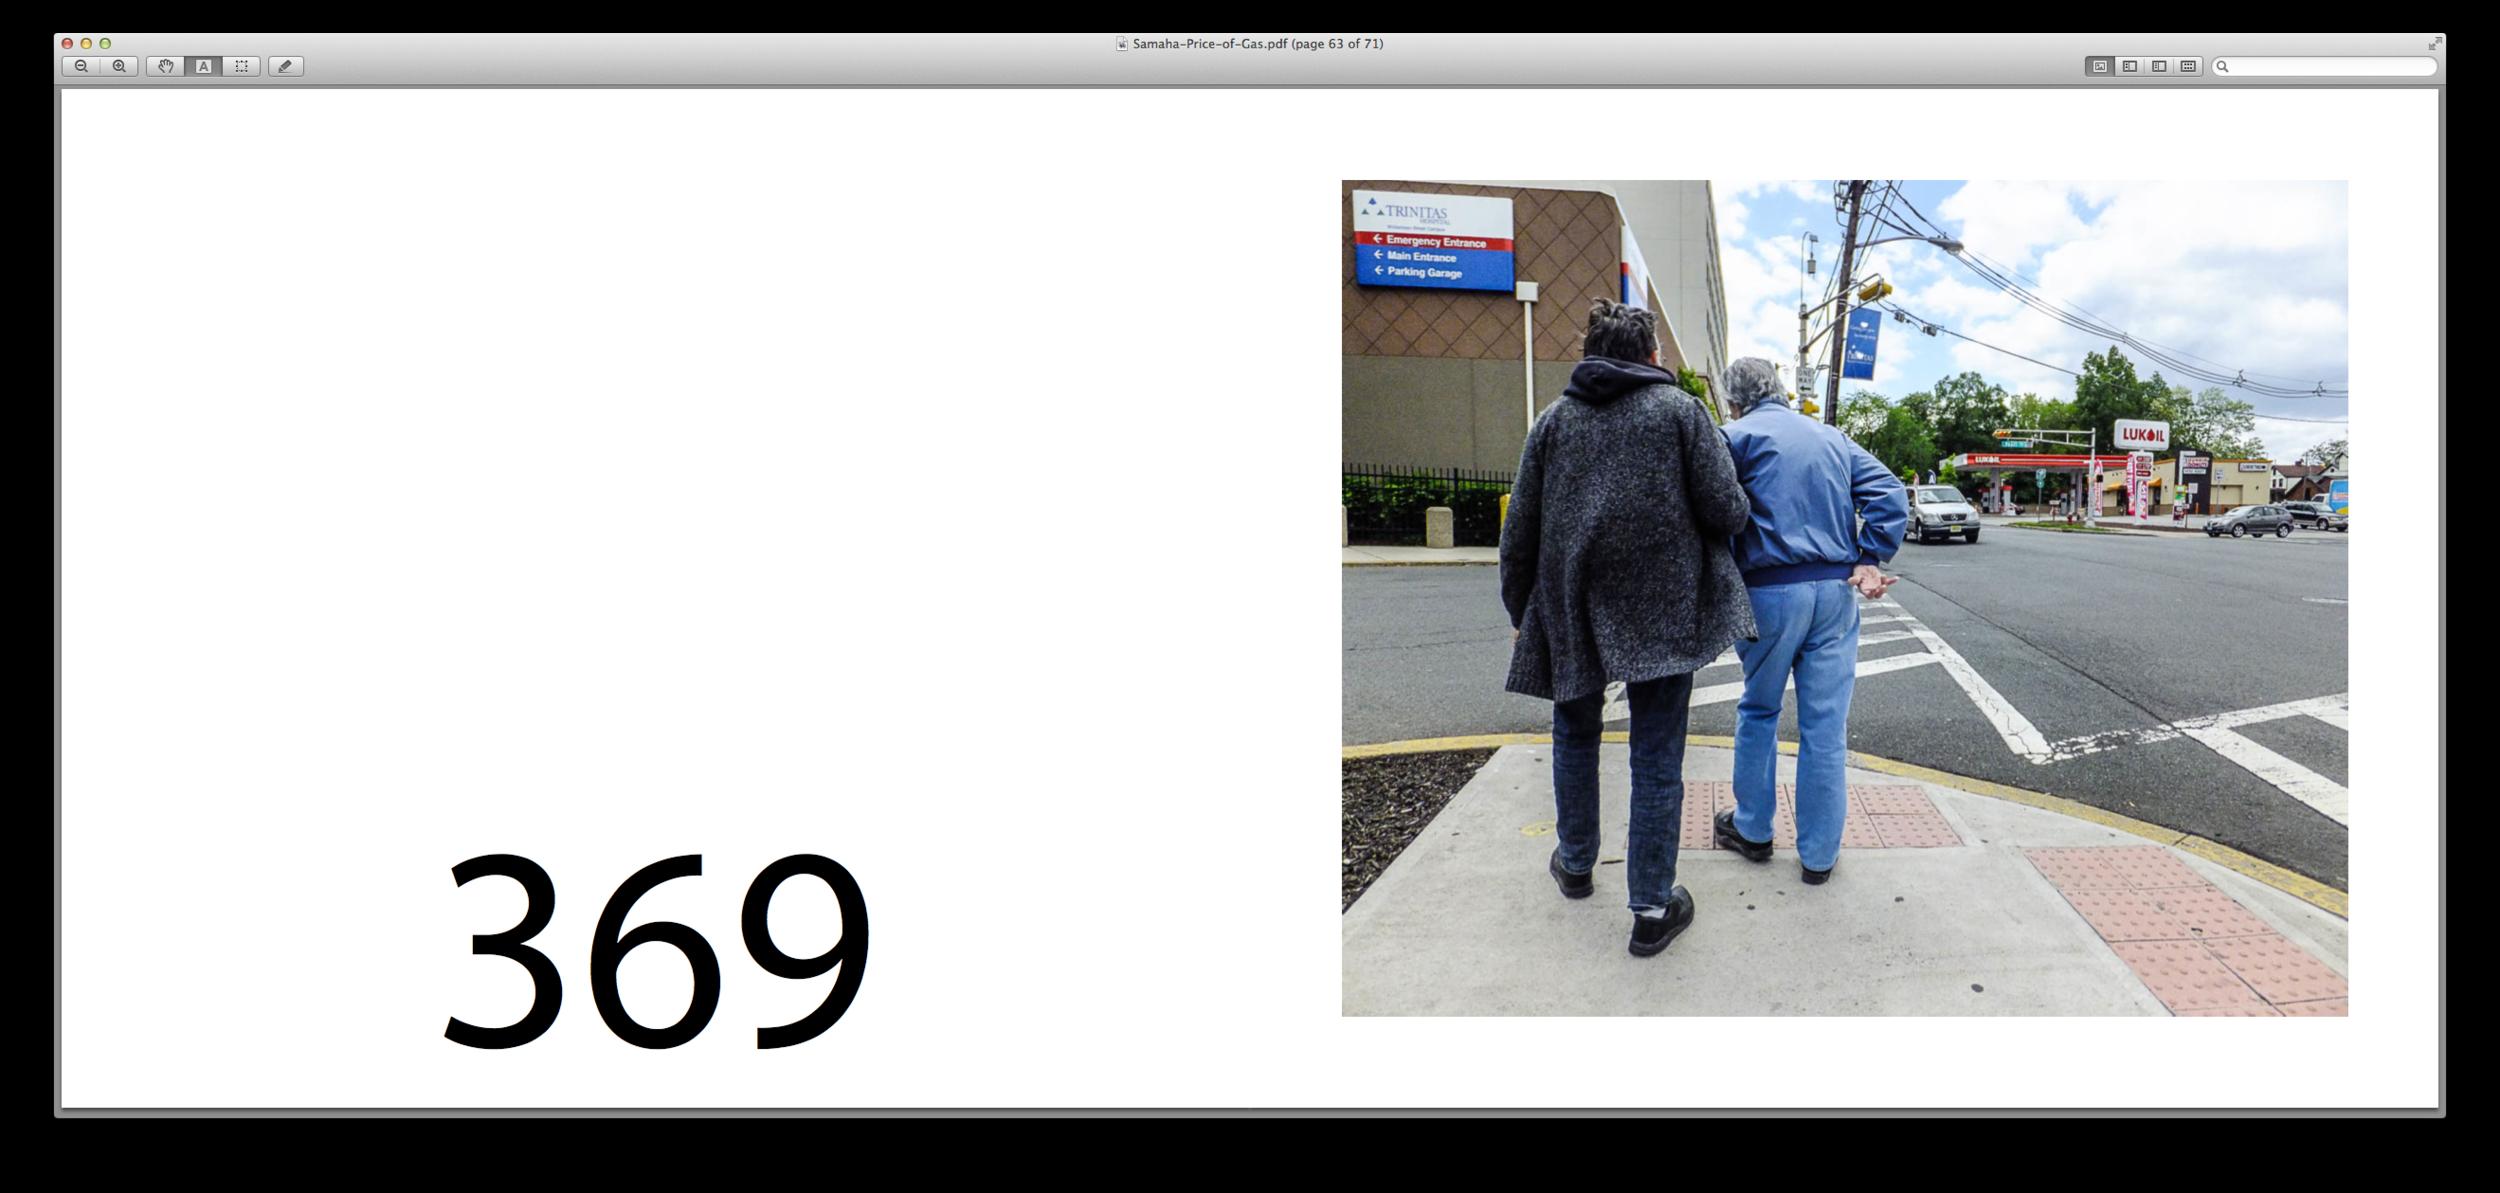 Screen Shot 2013-11-20 at 11.14.20 PM.png